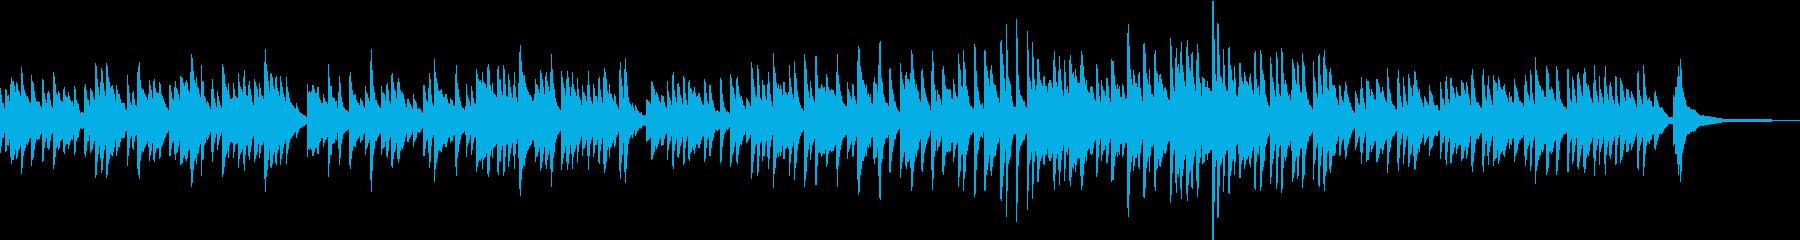 しっとり切なく物悲しいピアノソロの再生済みの波形